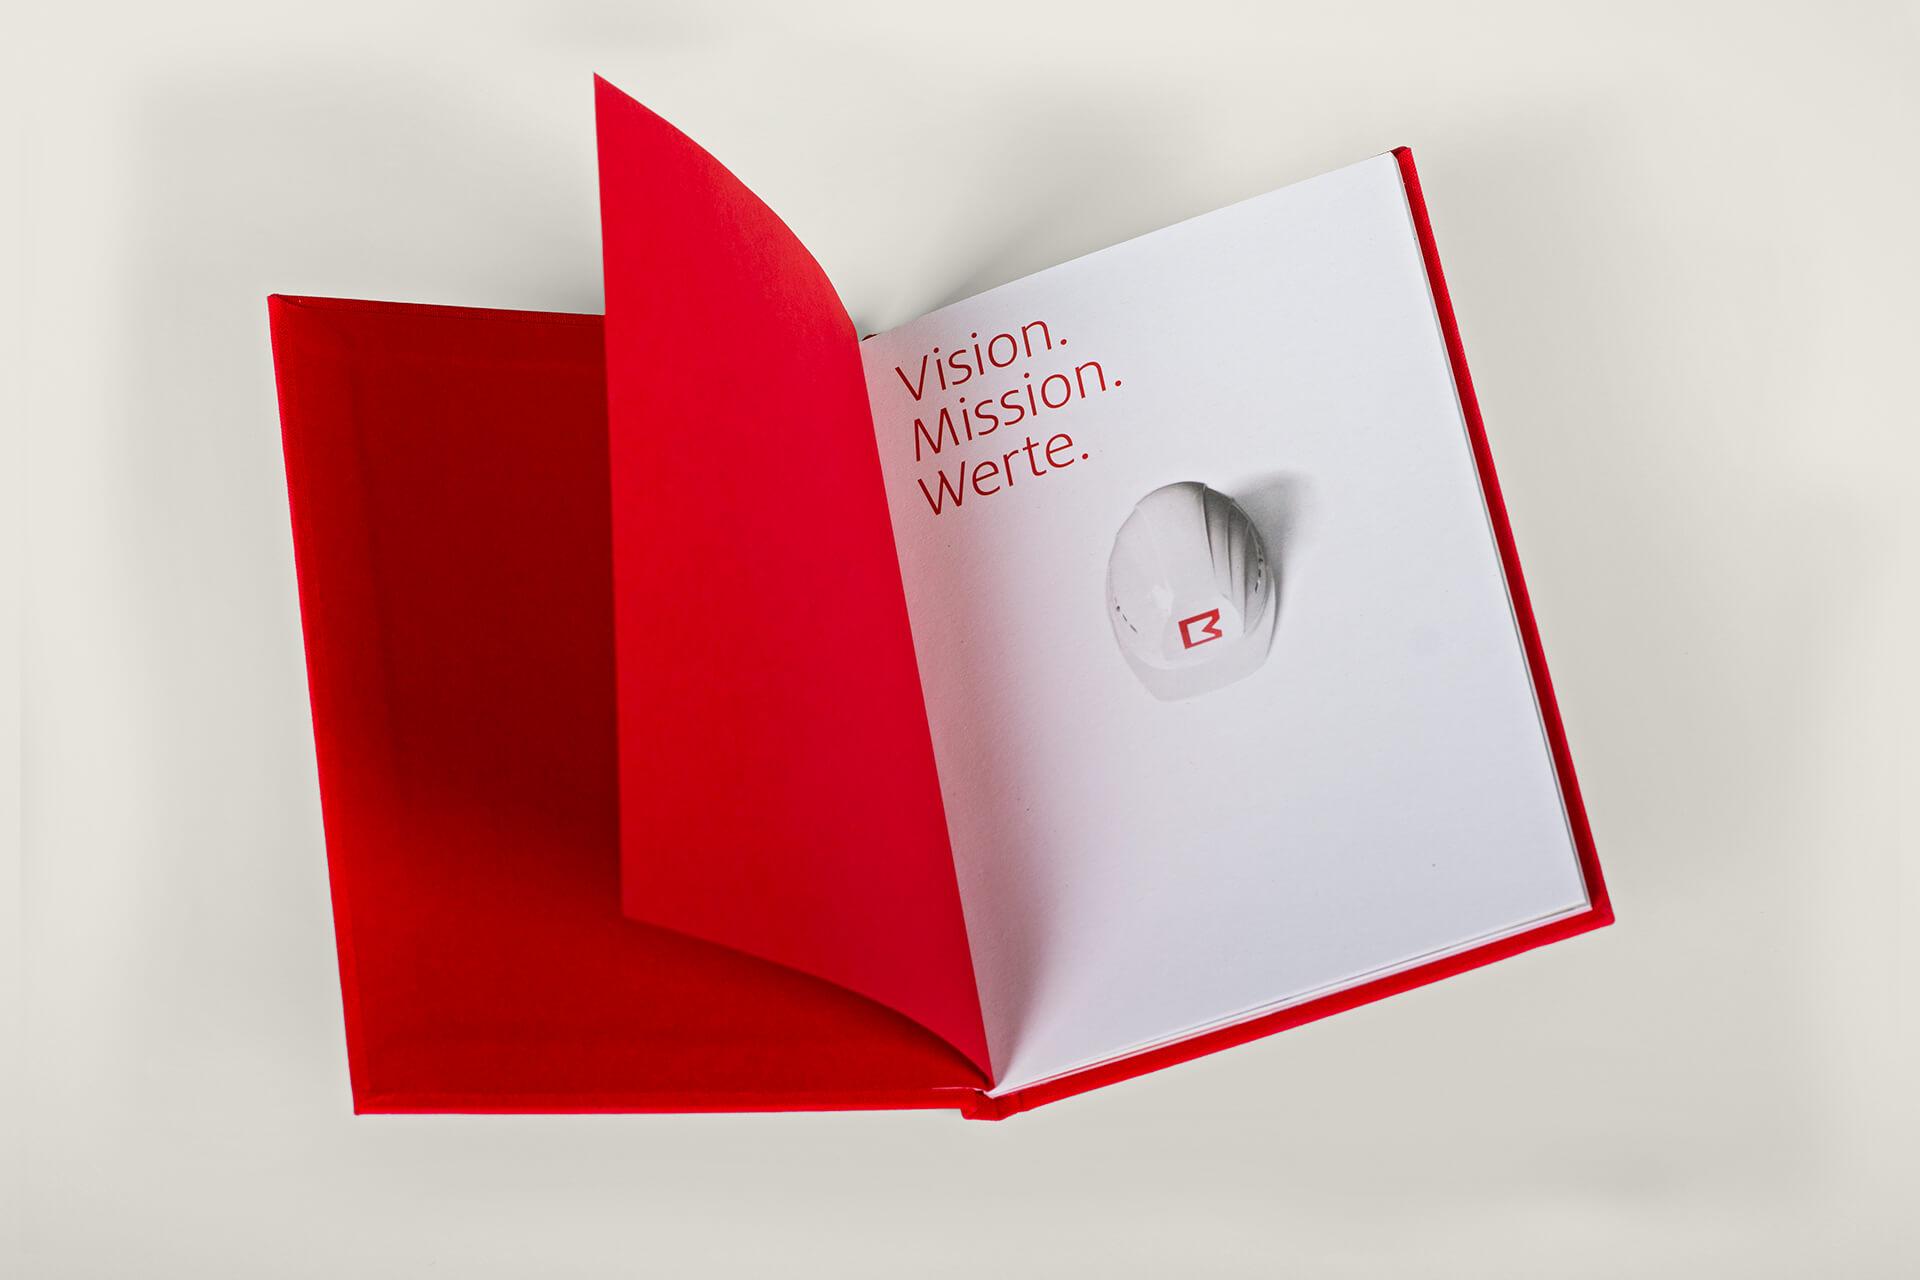 Vision, Mission, Werte: Innenseiten des Brandbook für Brüninghoff mit Prägung und Textilcover von der Corporate Design Agentur 31M